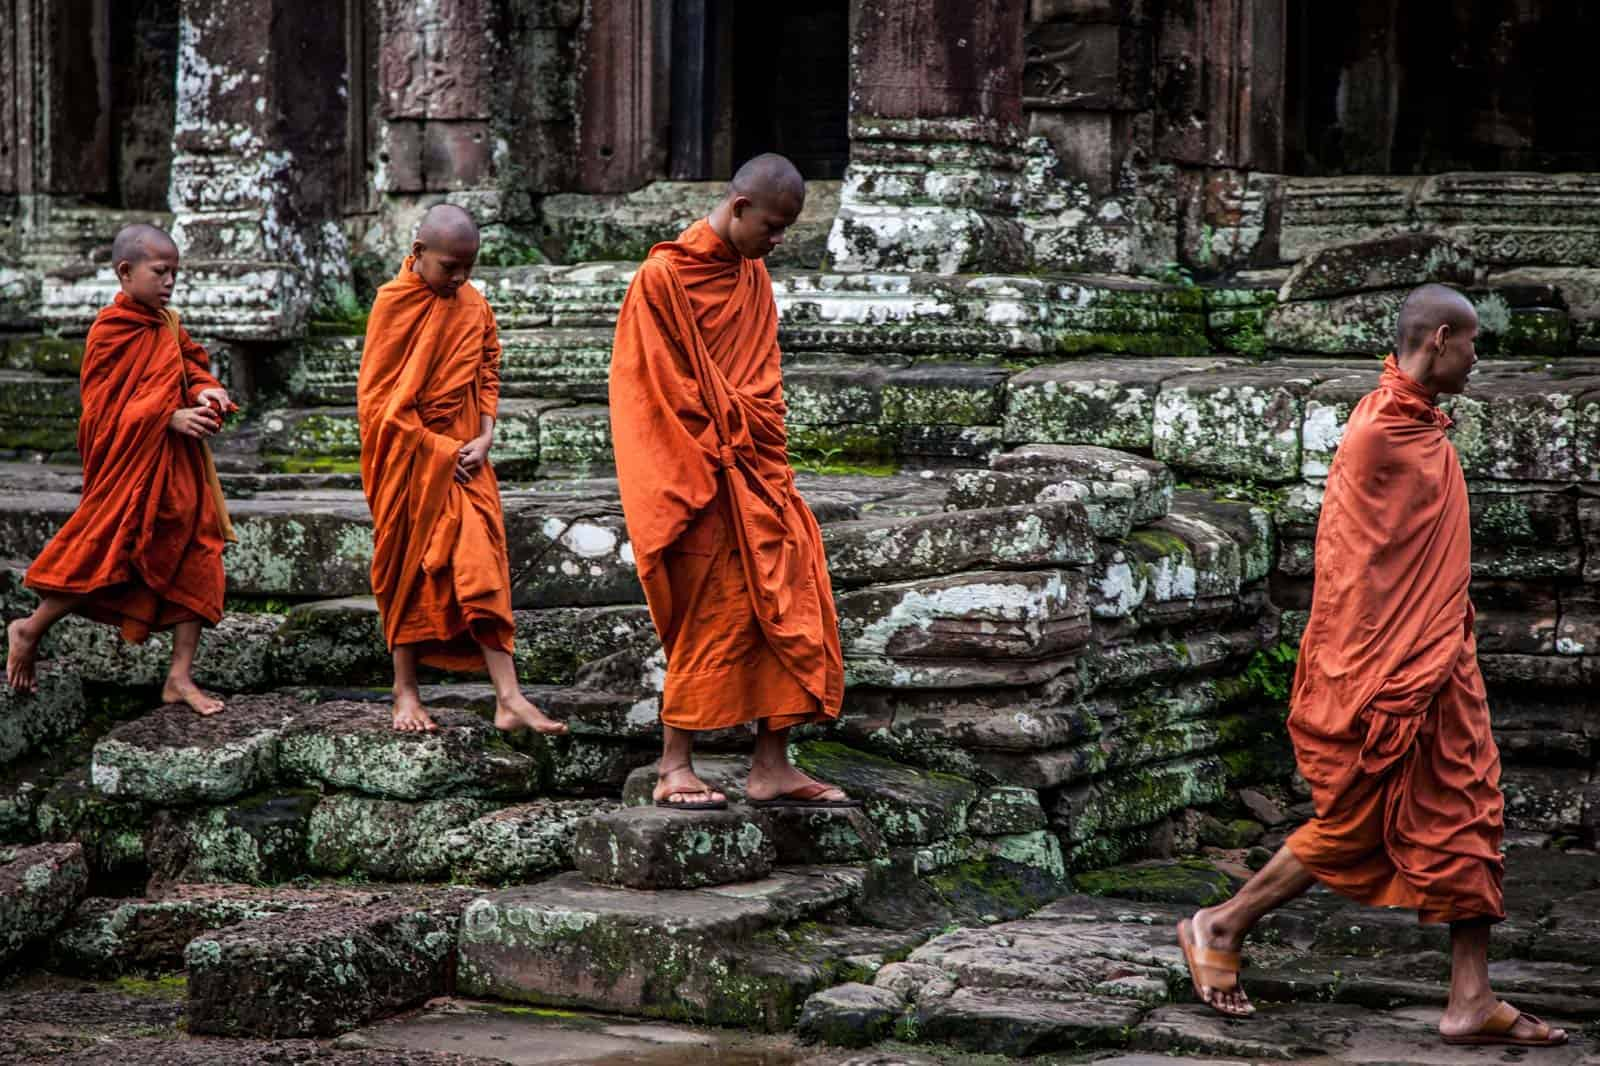 Monges em Angkor Wat, Camboja